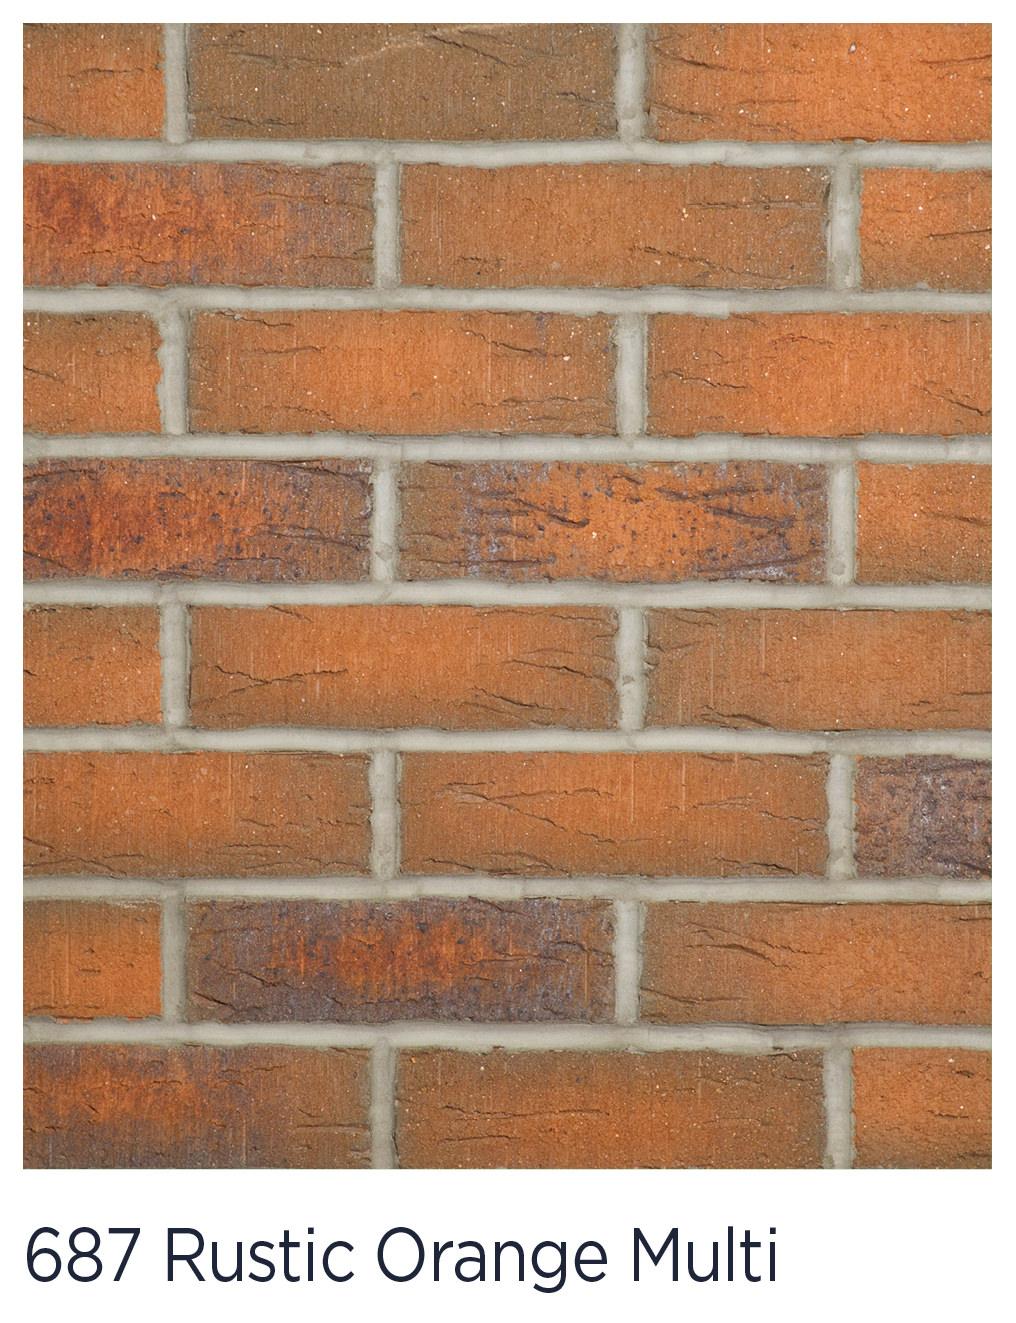 687 Rustic Orange Multi